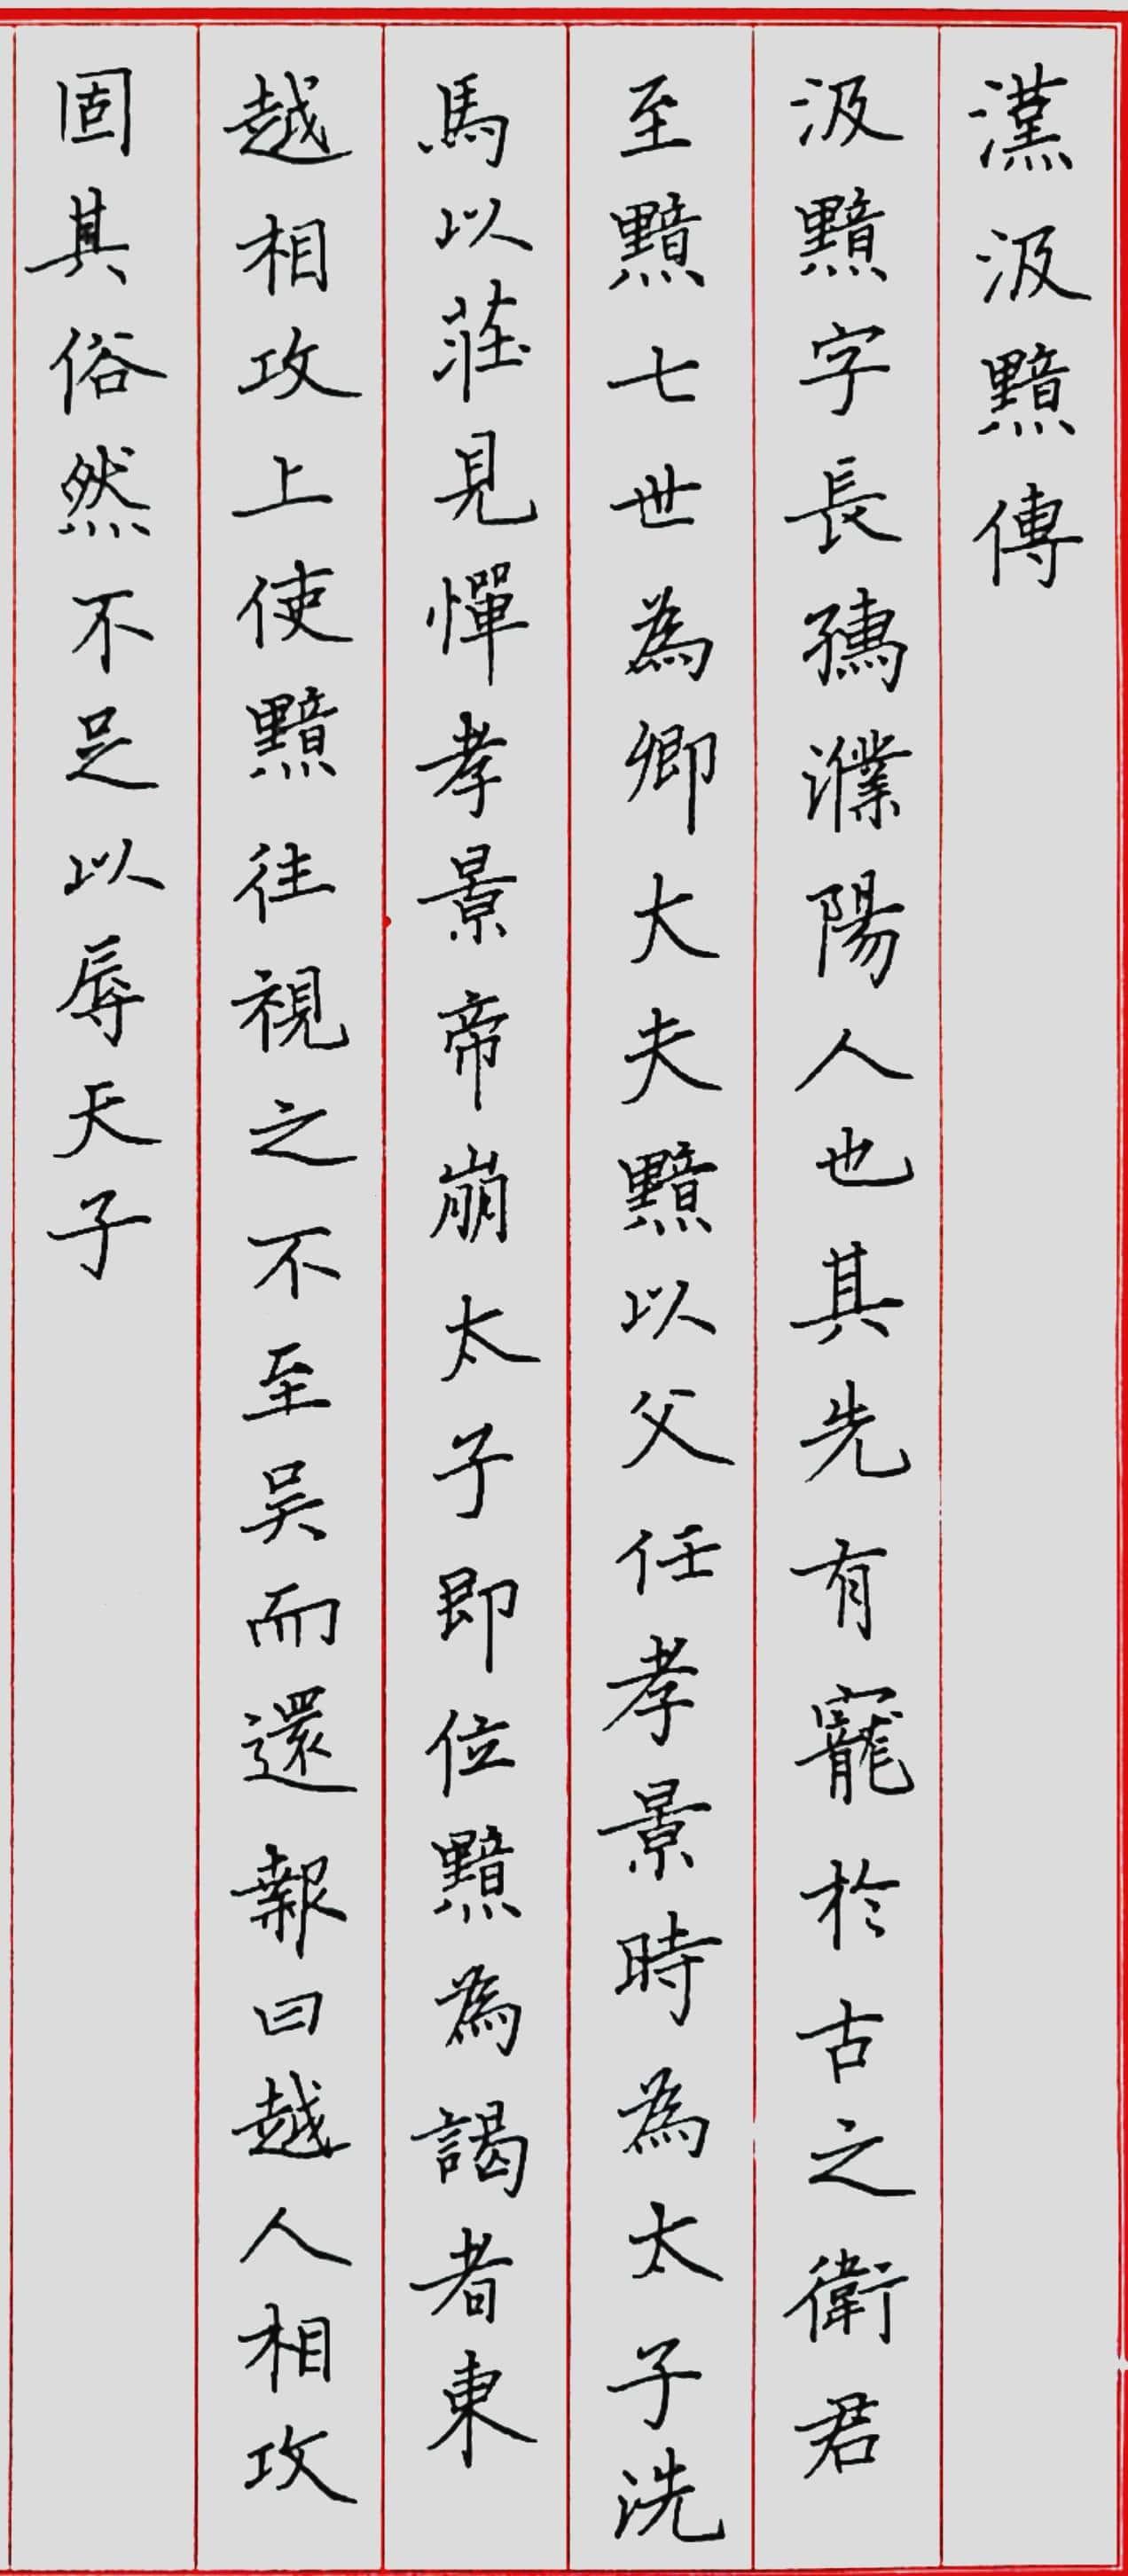 钢笔书法练字打卡20210615-20